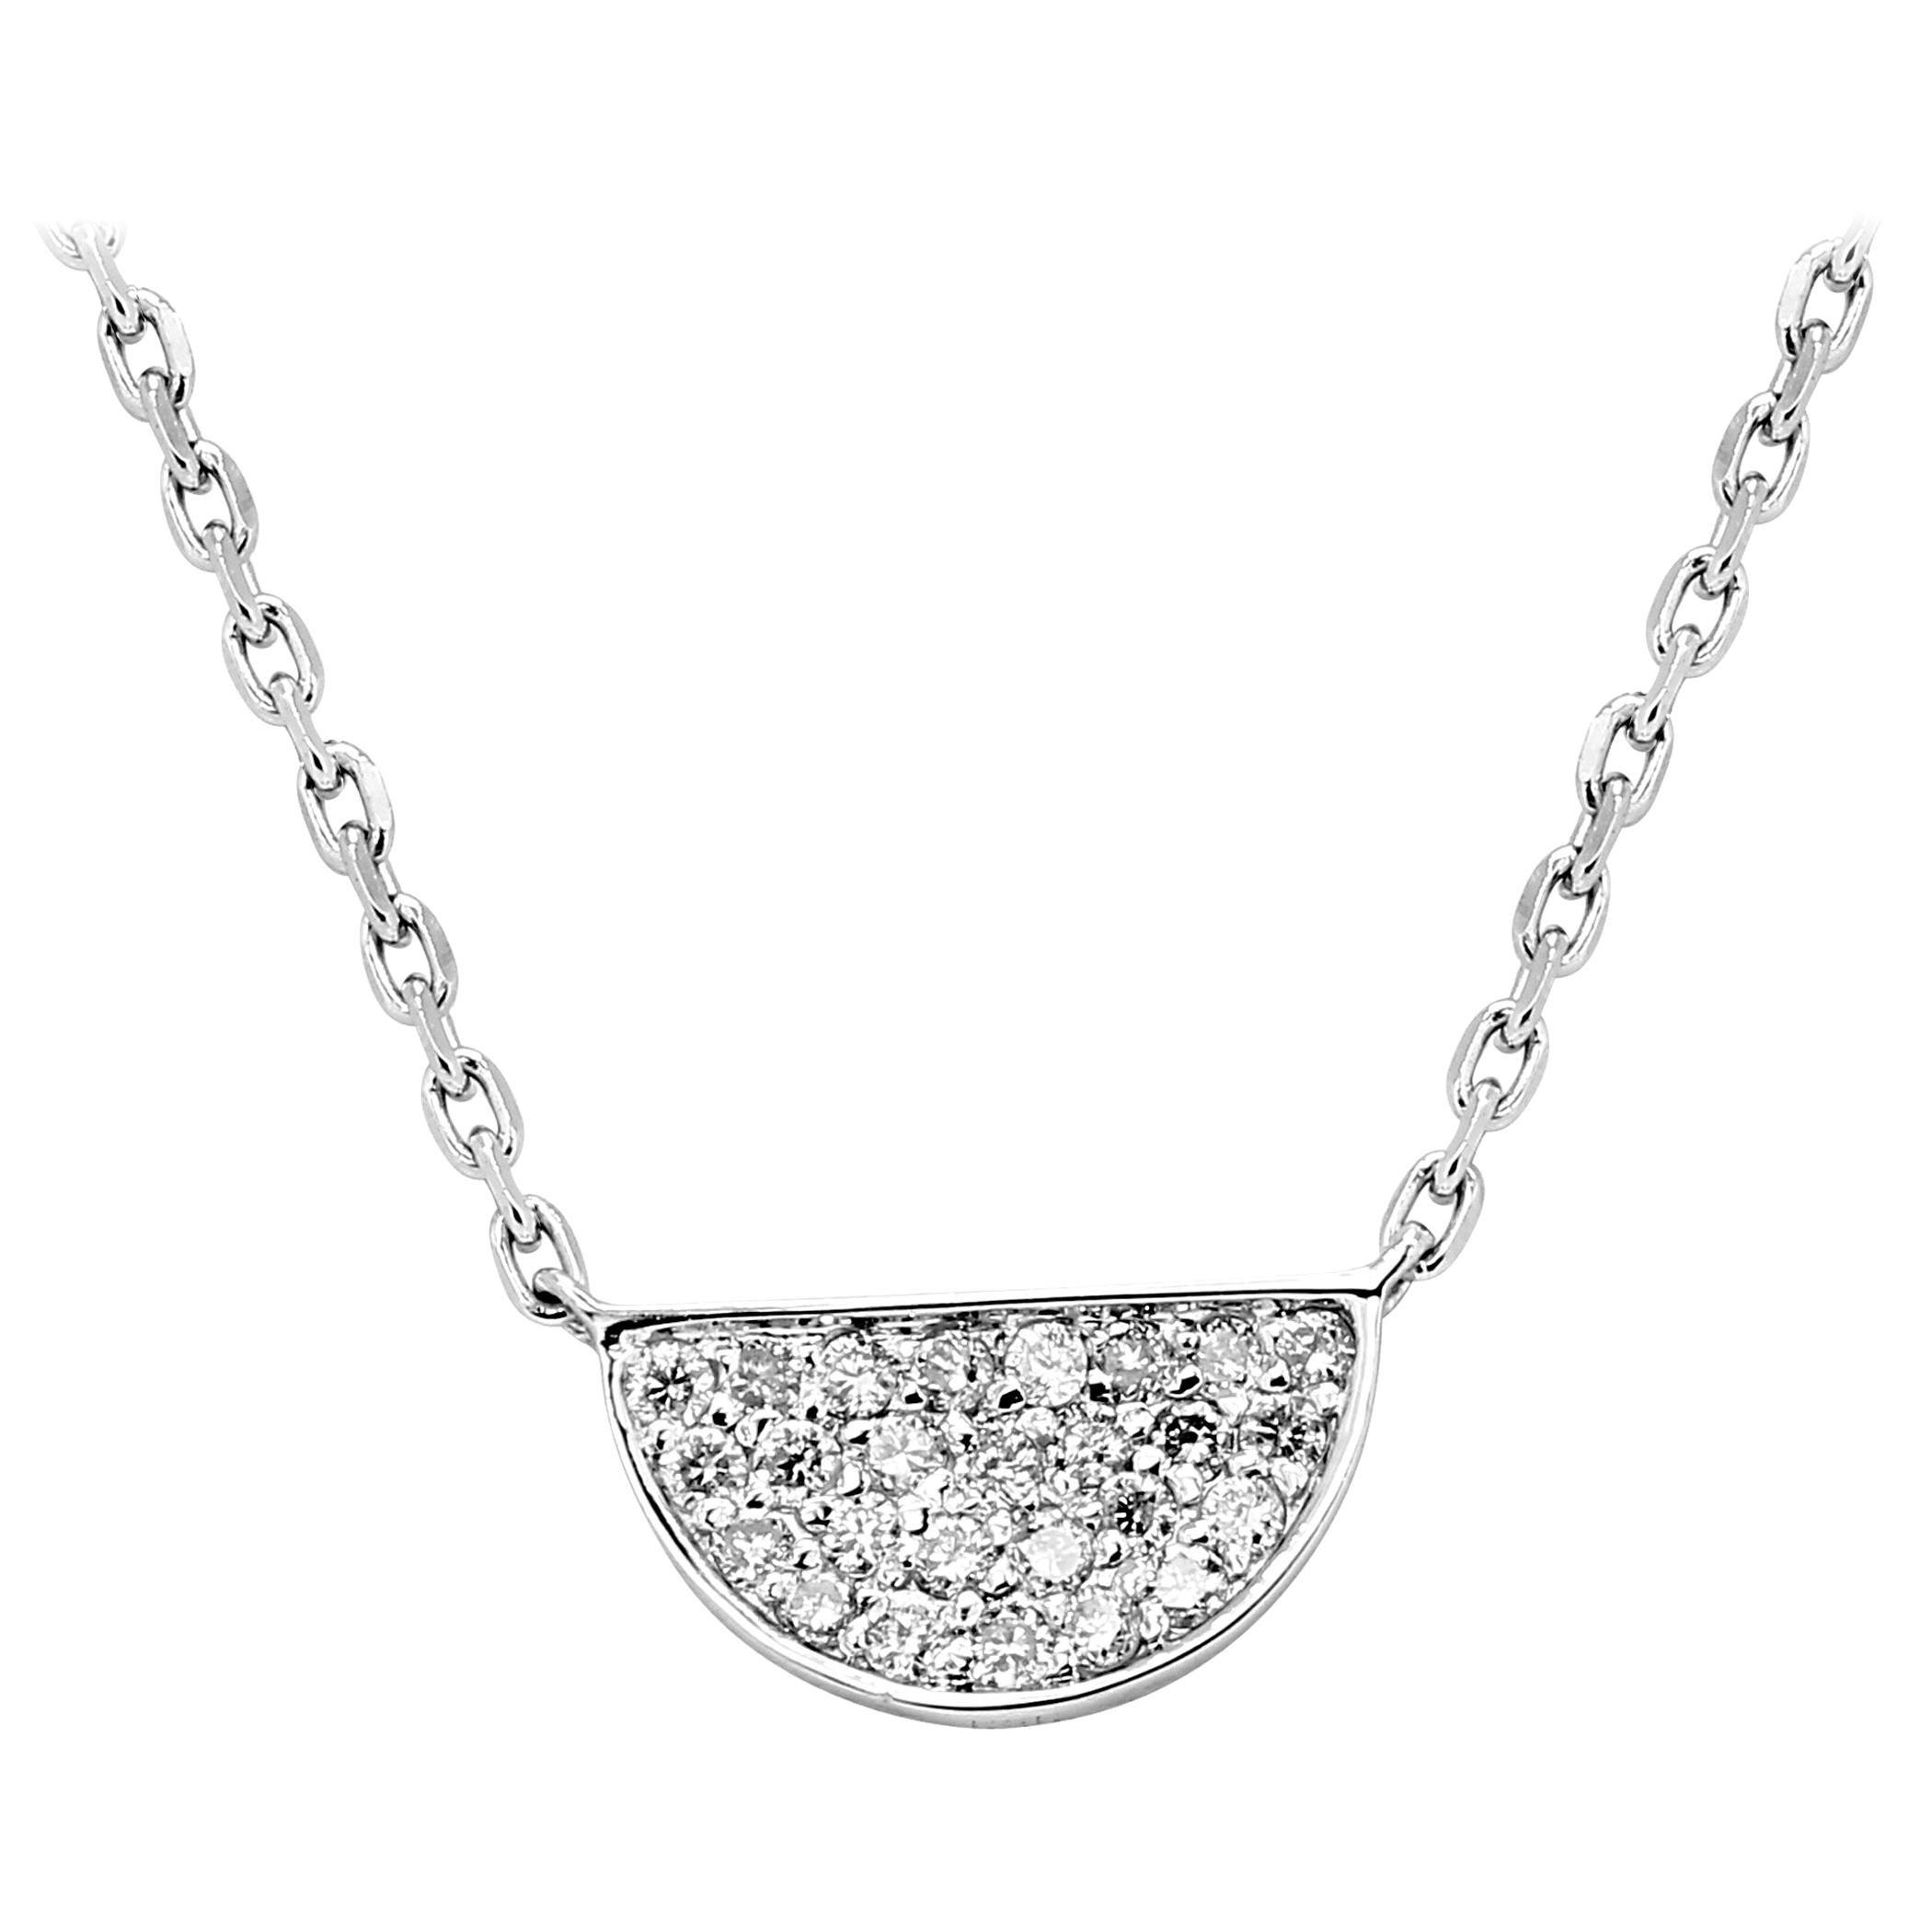 White Diamond Round White Gold Fashion Pendant Drop Chain Necklace